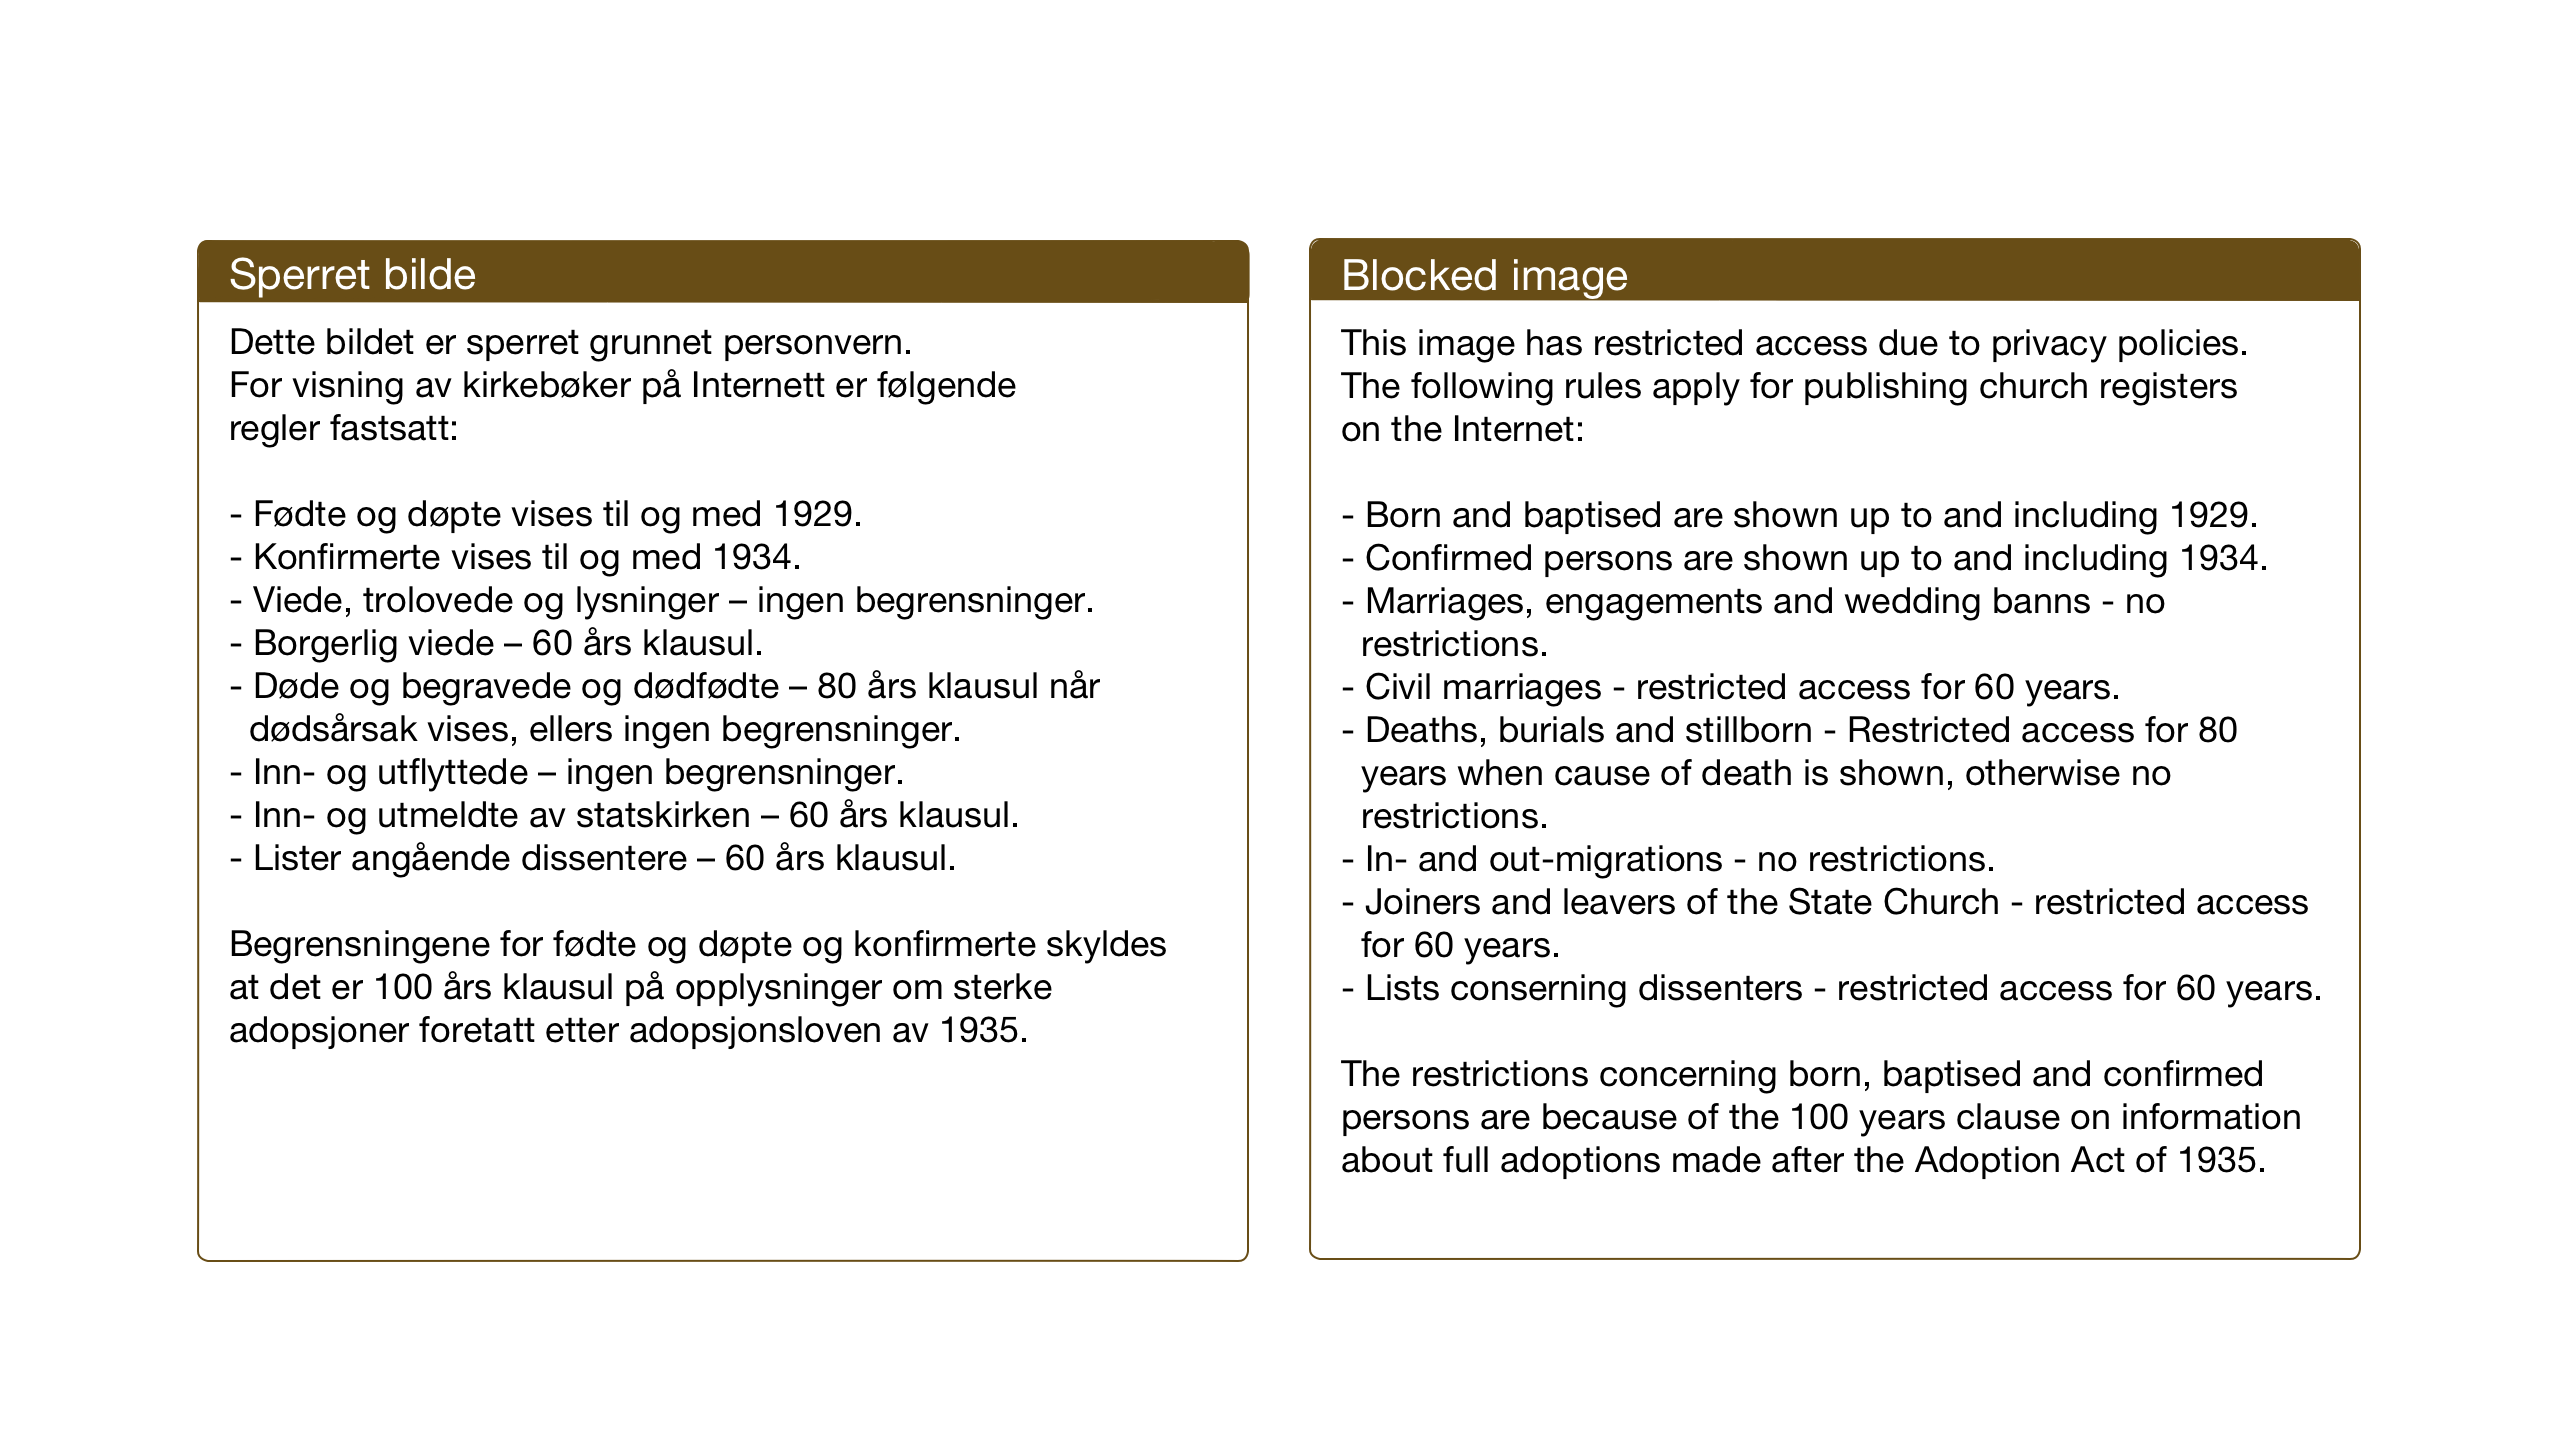 SAT, Ministerialprotokoller, klokkerbøker og fødselsregistre - Nord-Trøndelag, 786/L0689: Klokkerbok nr. 786C01, 1940-1948, s. 214-215